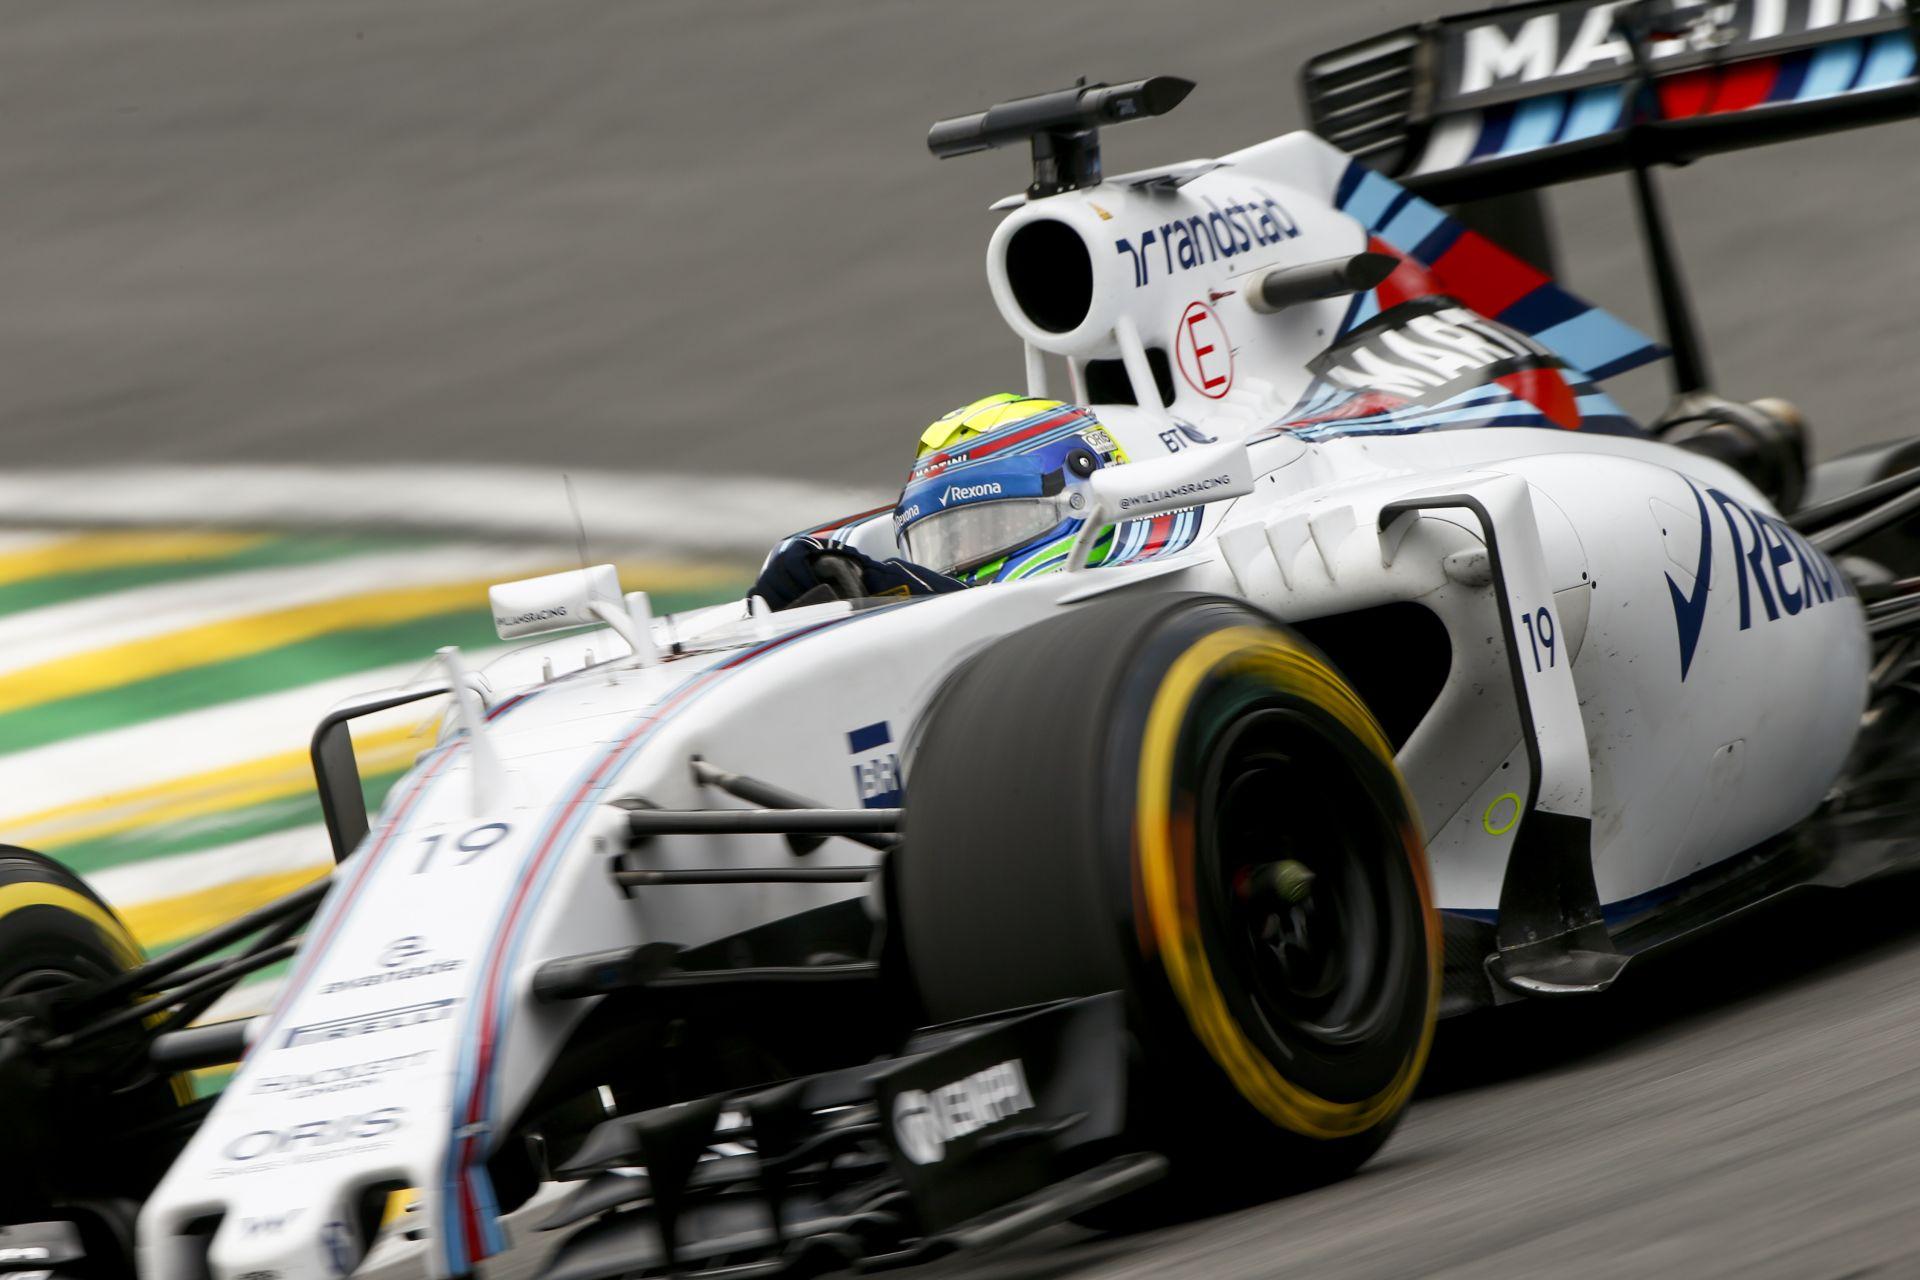 A Williams úgy döntött, hogy annyiban hagyja Massa brazil kizárását! Nincs fellebbezés!